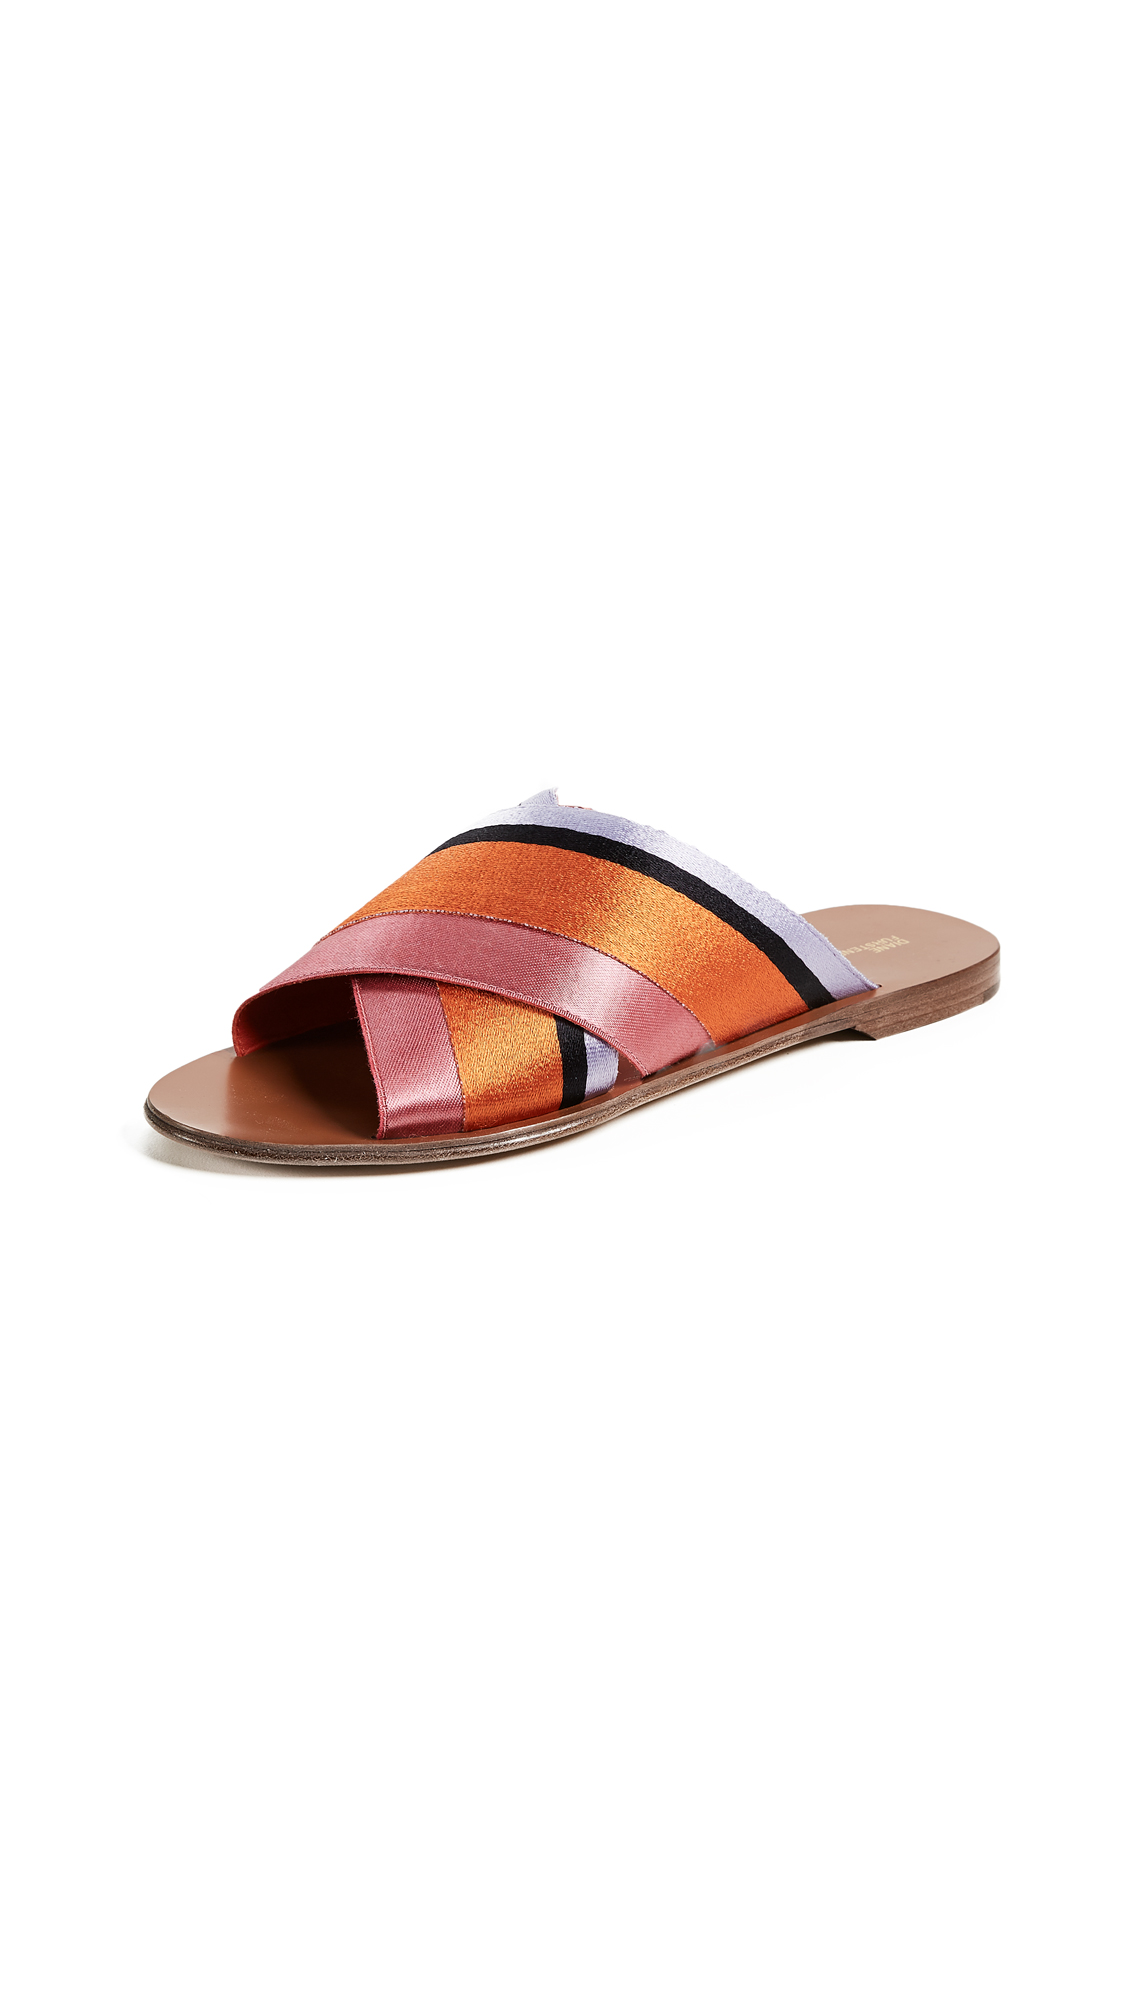 Diane von Furstenberg Bailie 3 Slides - Pink Multi